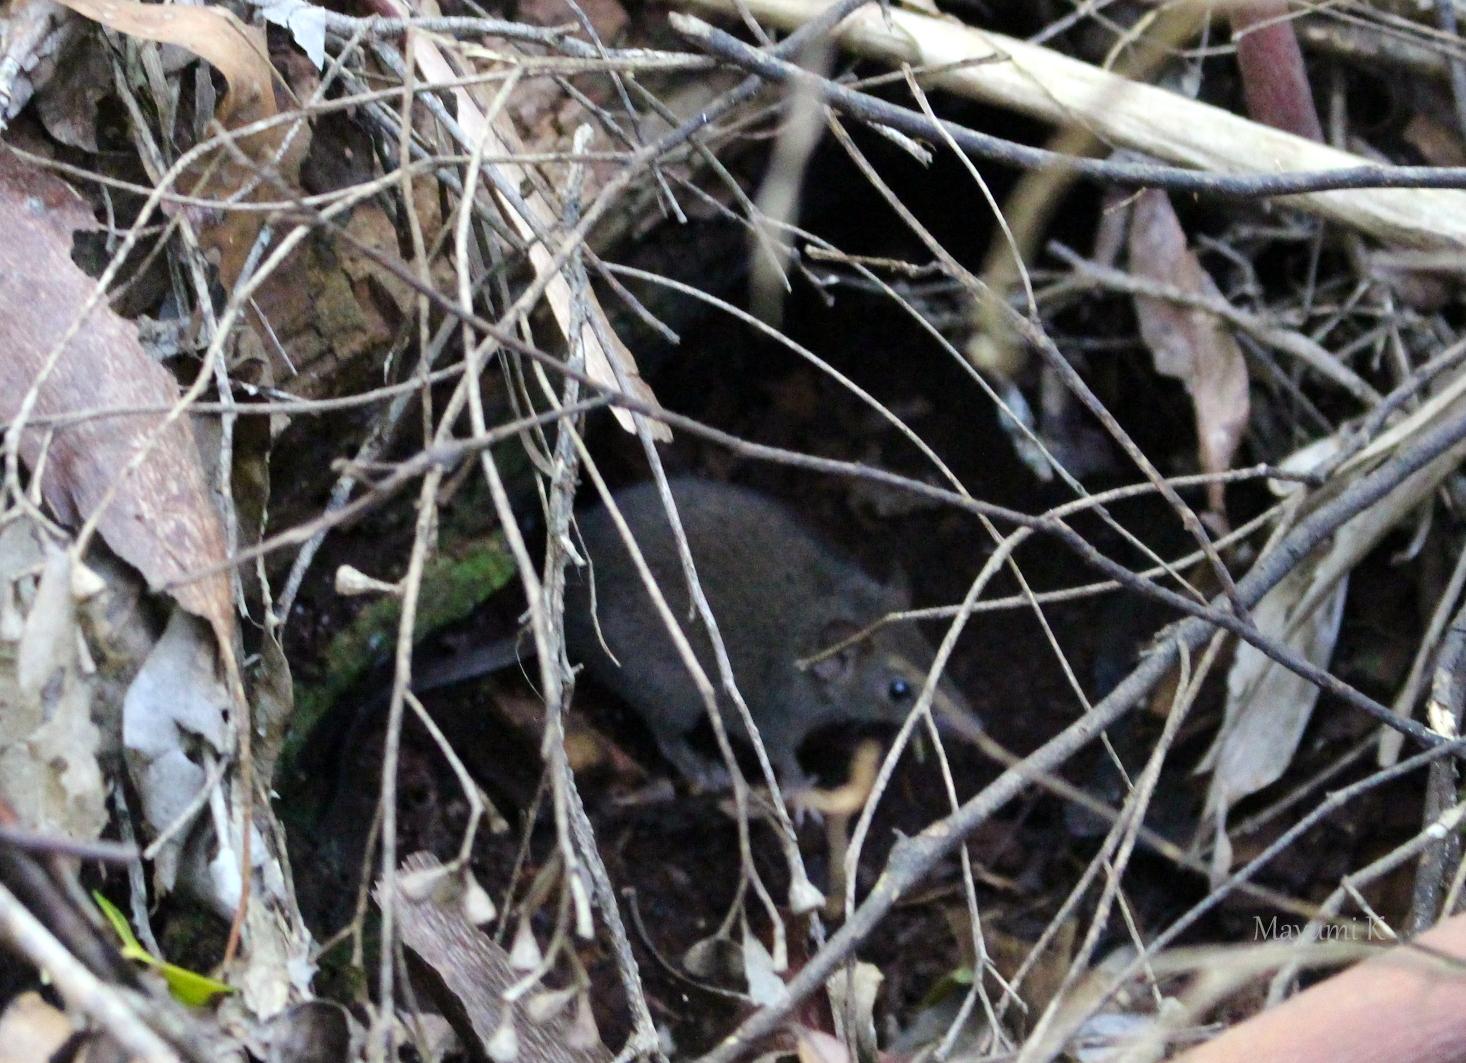 アンテキヌス ネズミに見えますが、Antechinus(アンテキヌス)ではないかな?